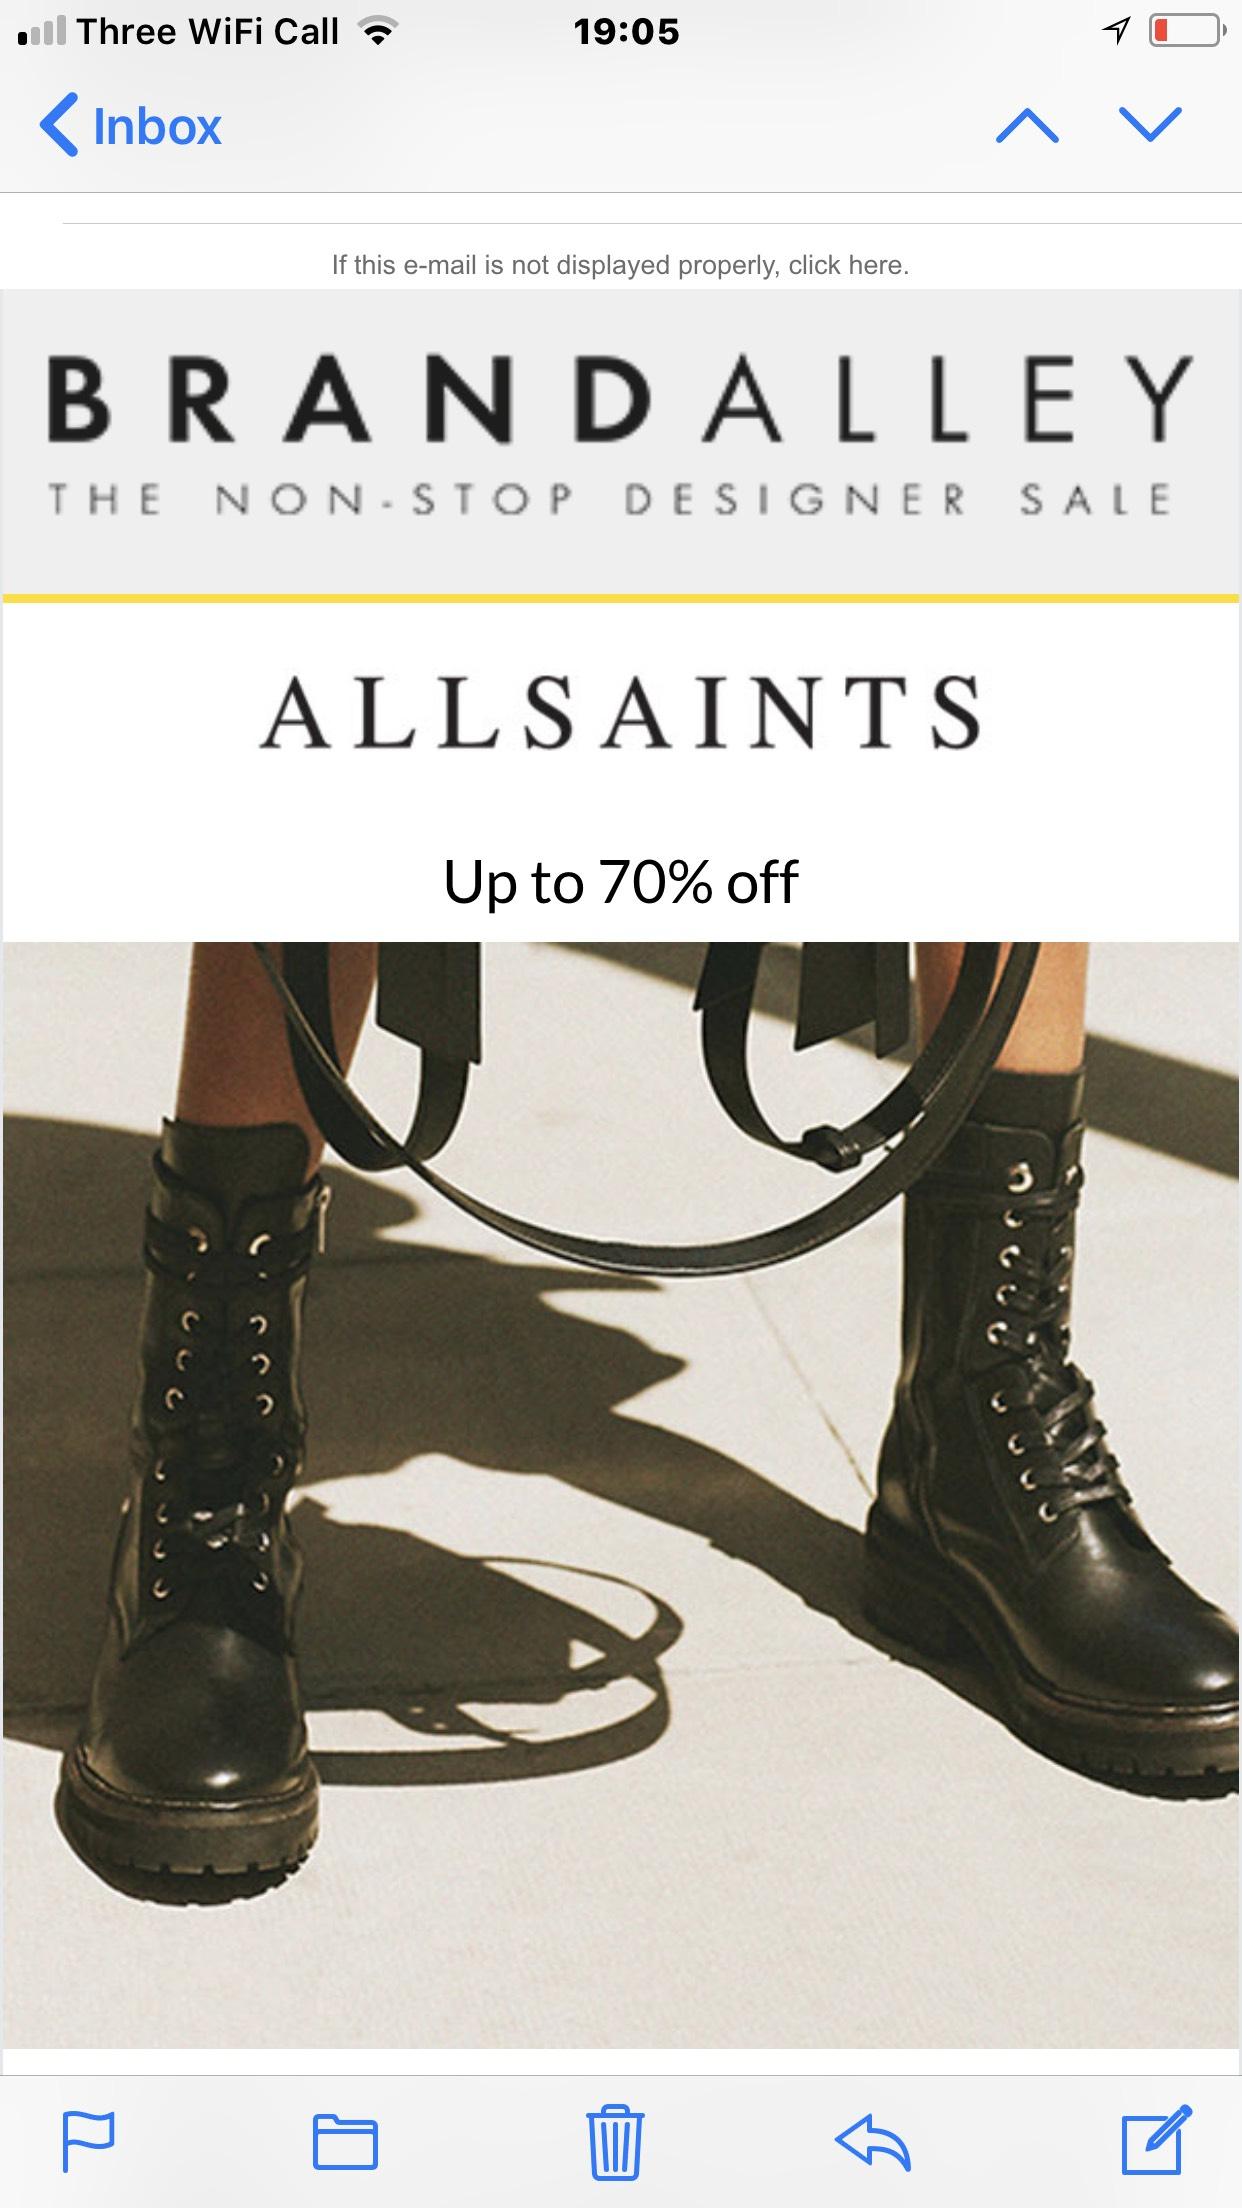 Brandalley 70%off allsaints  on women's footwear